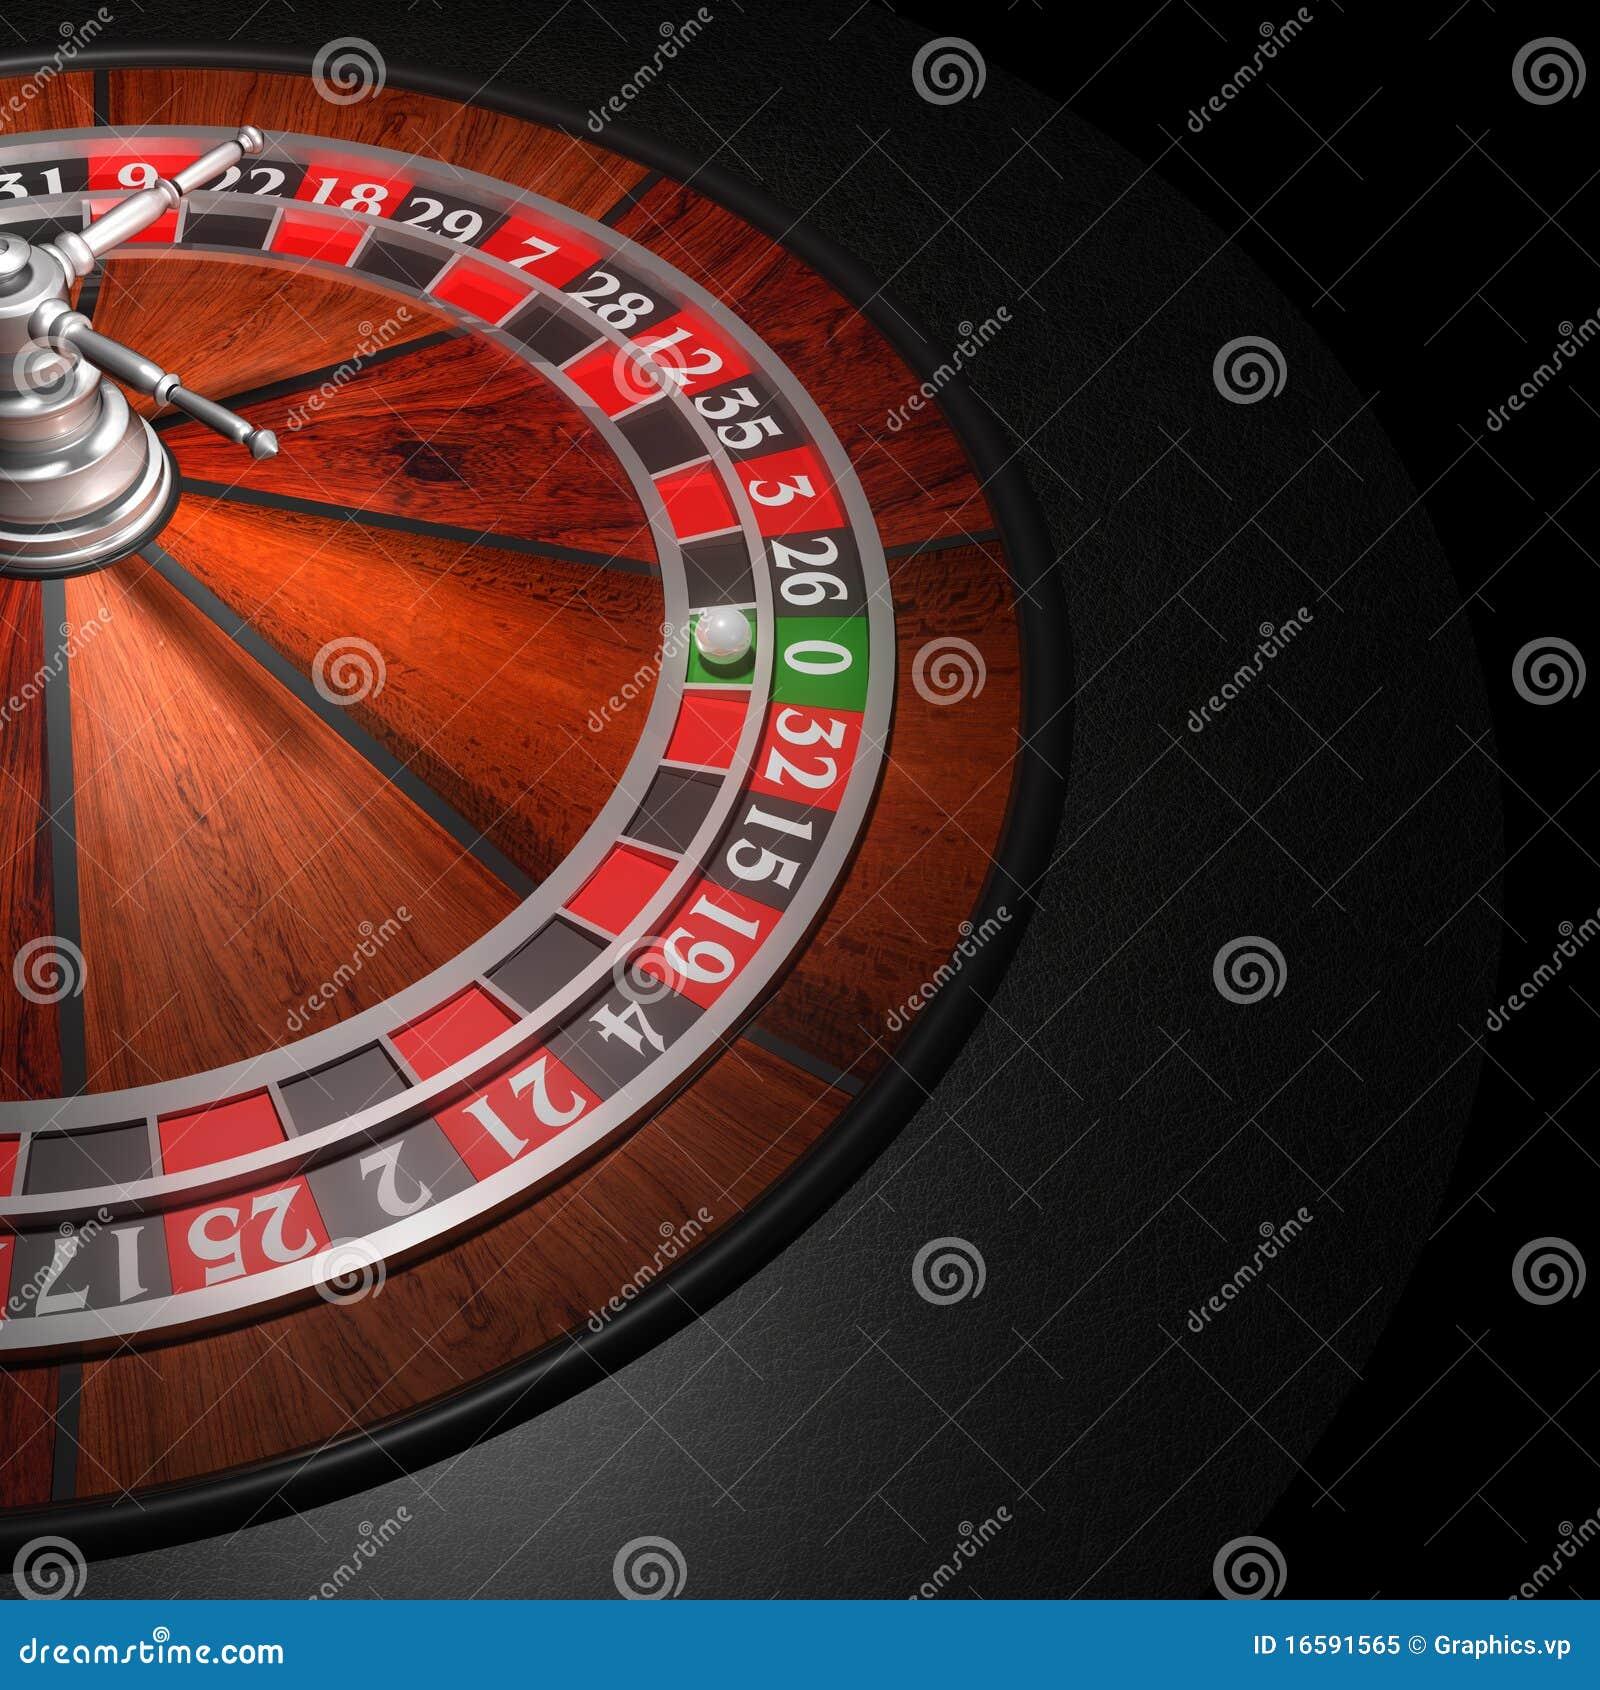 Roulette star casino